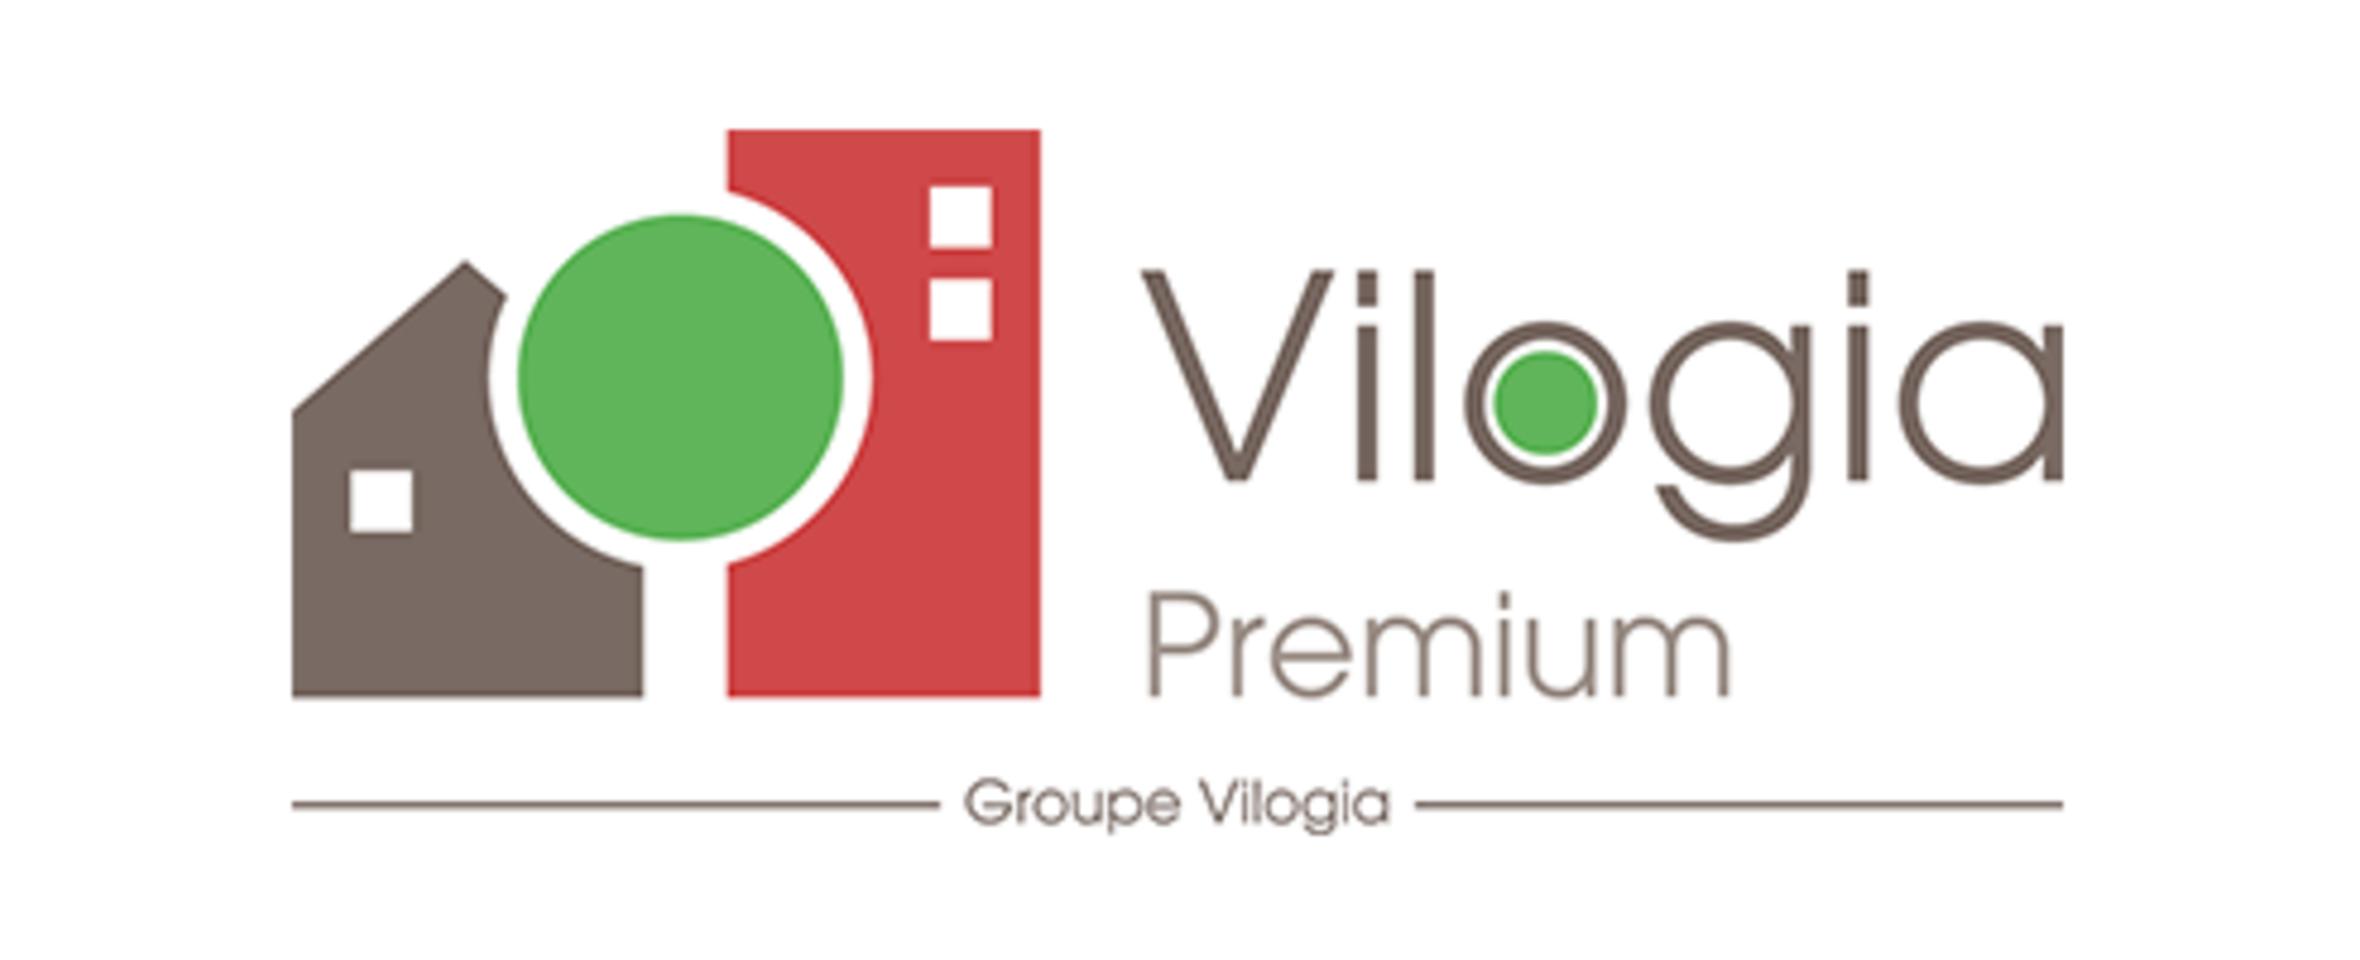 Vilogia Premium X Imediacenter